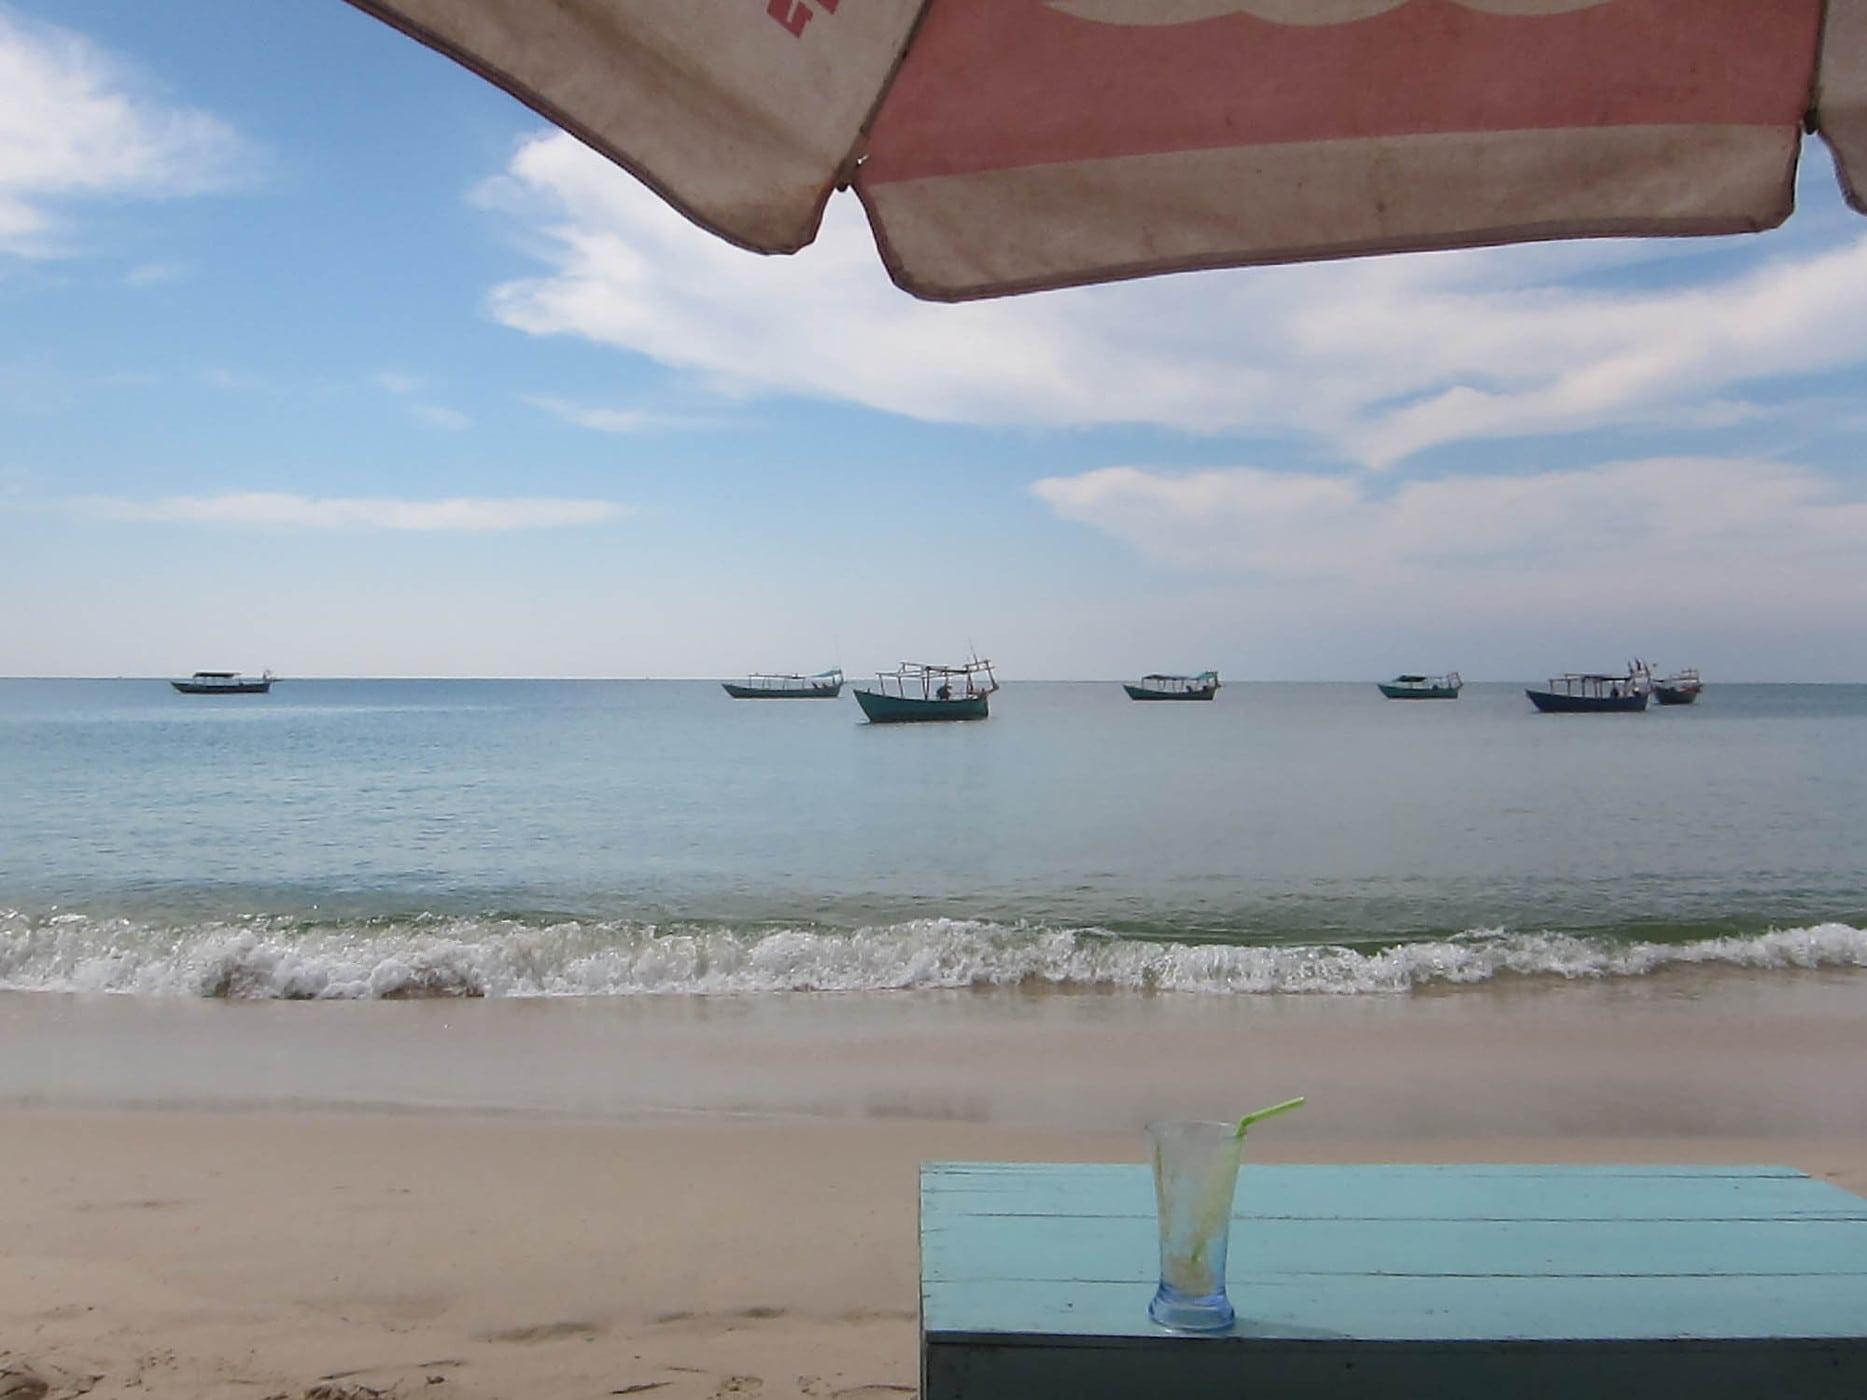 Sitting on the beach in Sihanoukville, Cambodia